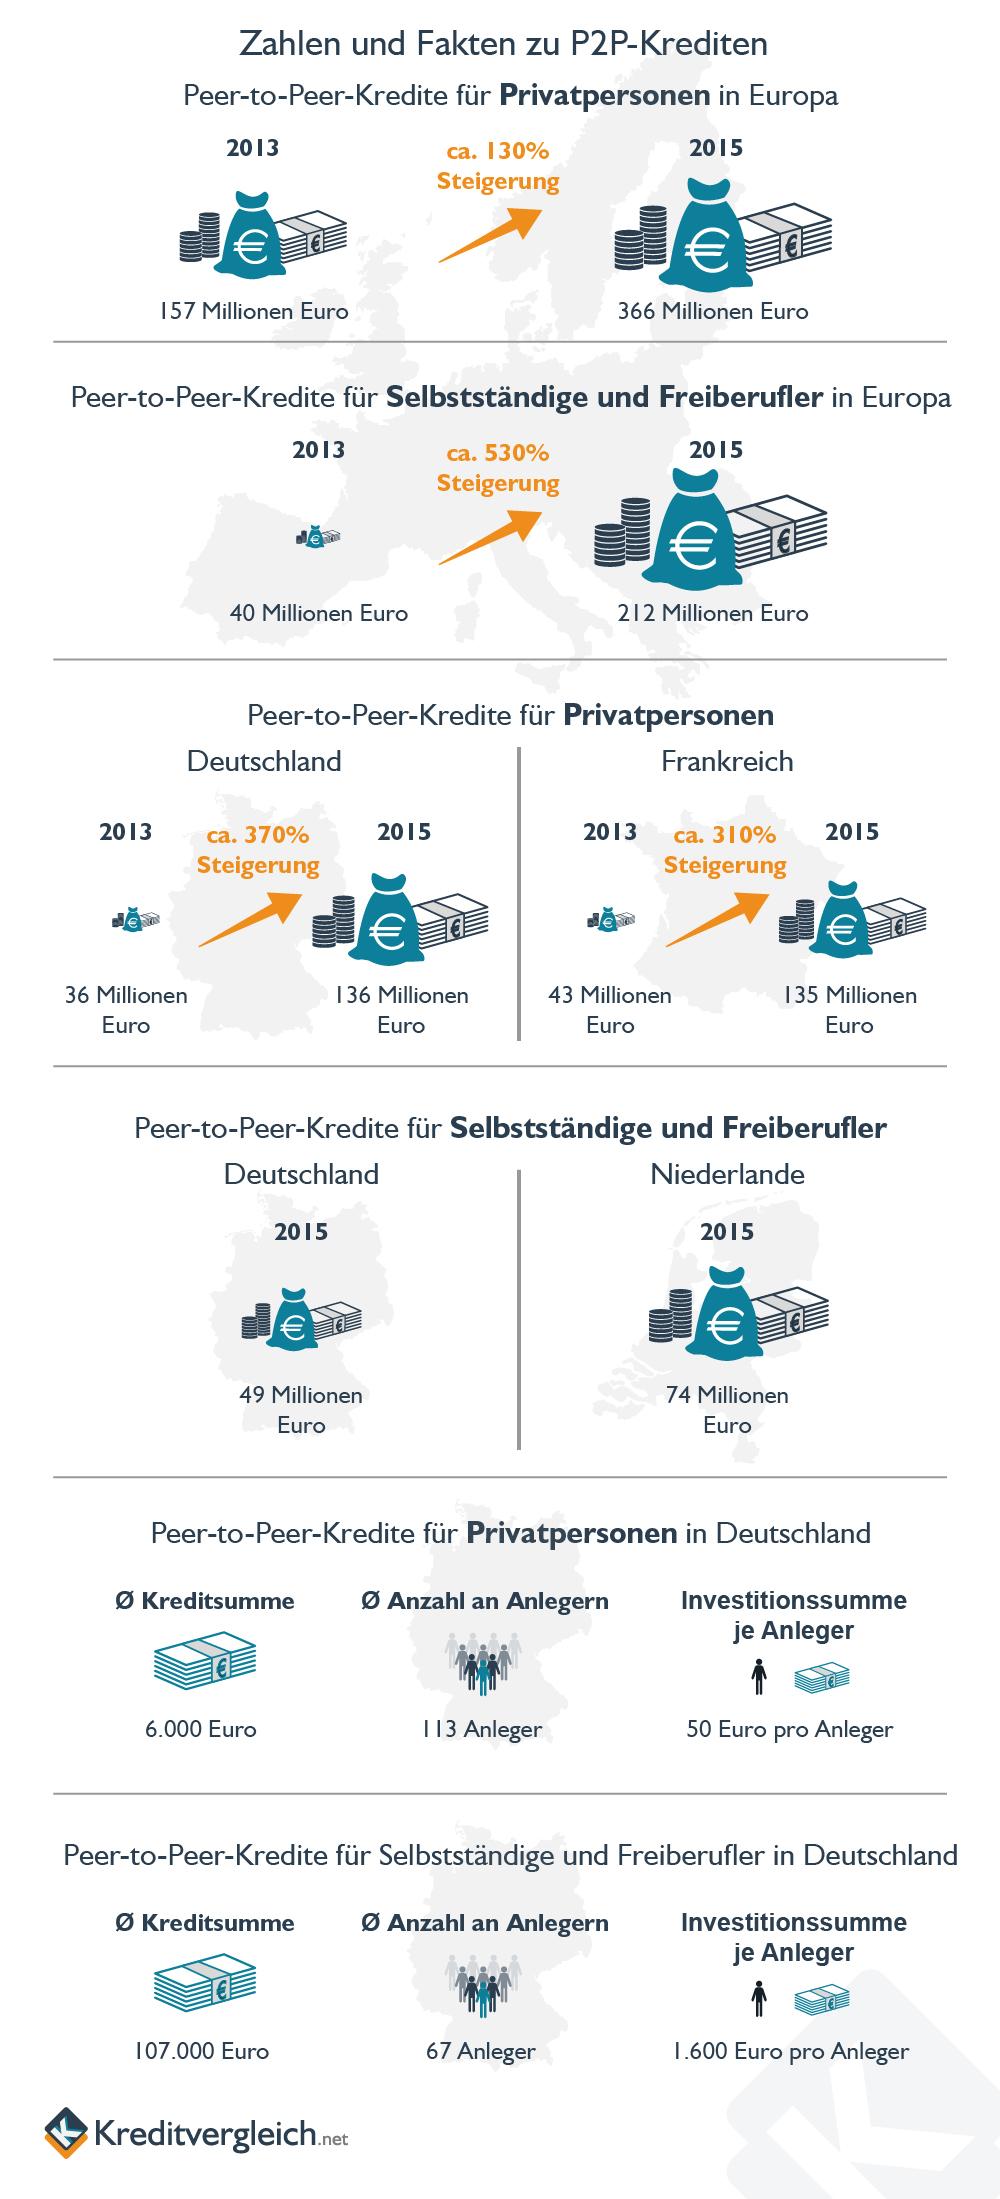 Infografik mit Zahlen und Fakten zu P2P-Krediten